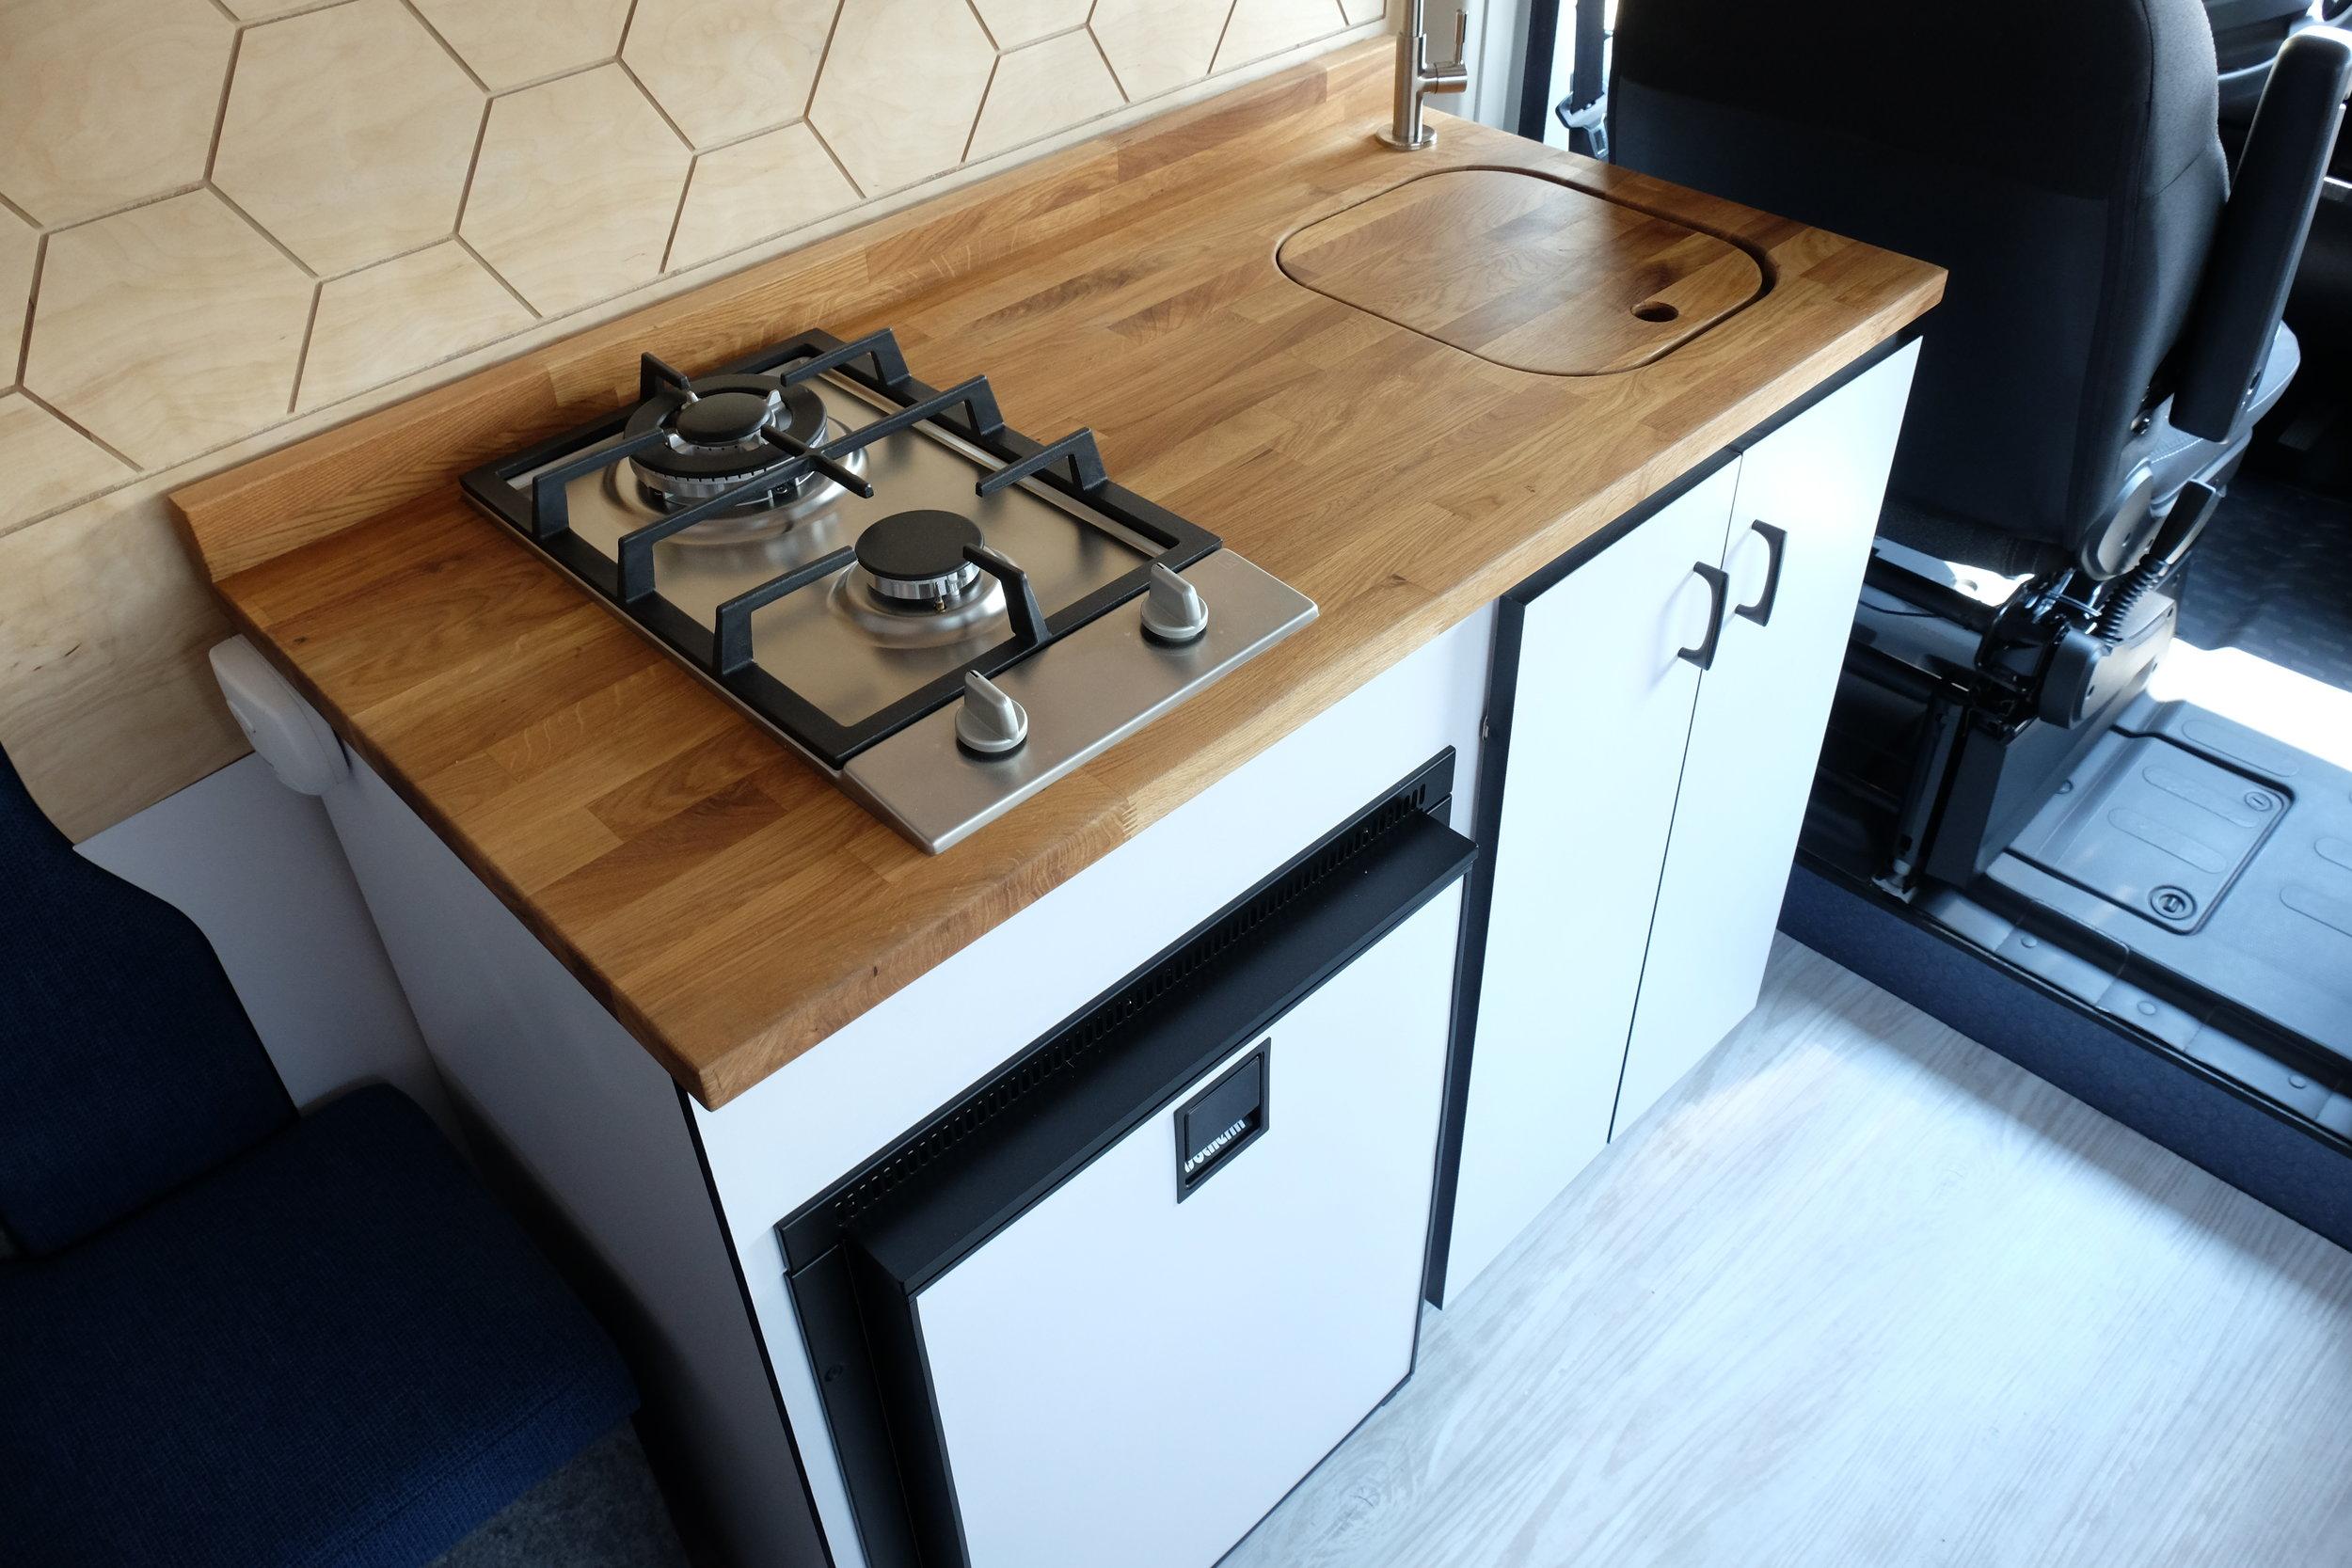 Vanlife Customs: Camper Van Kitchen